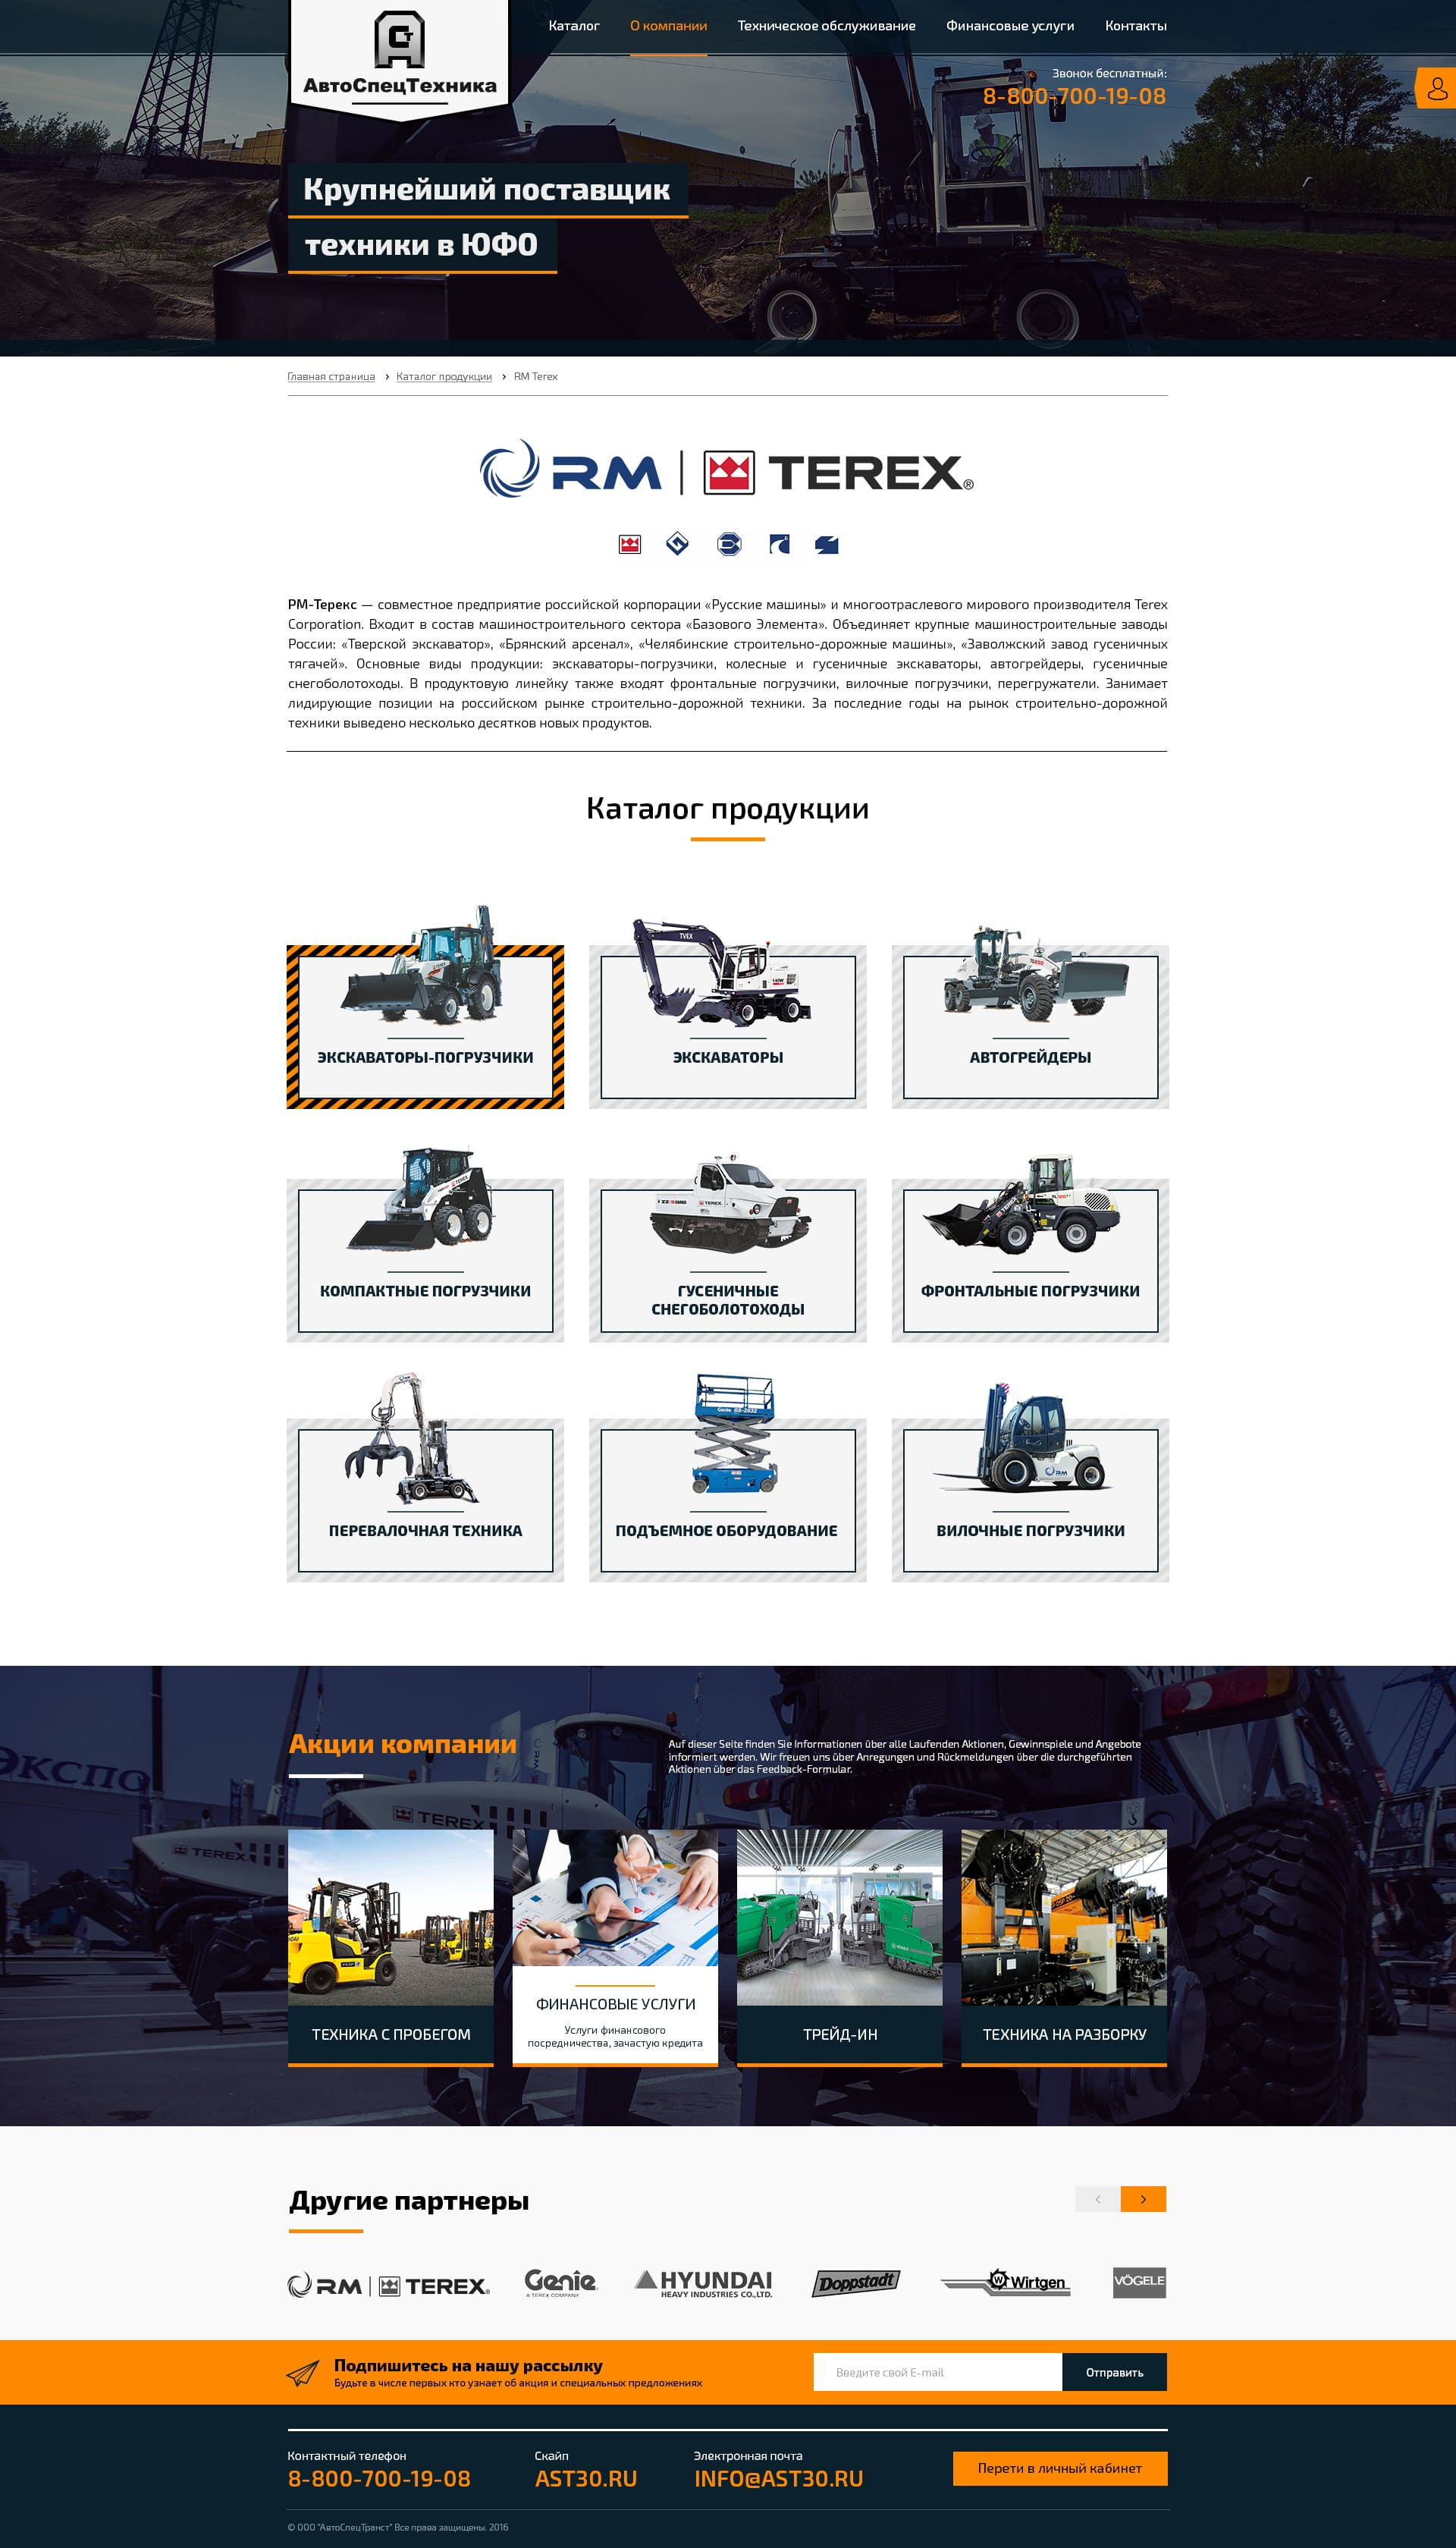 site_AvtoSpetsTekhnika_4-min